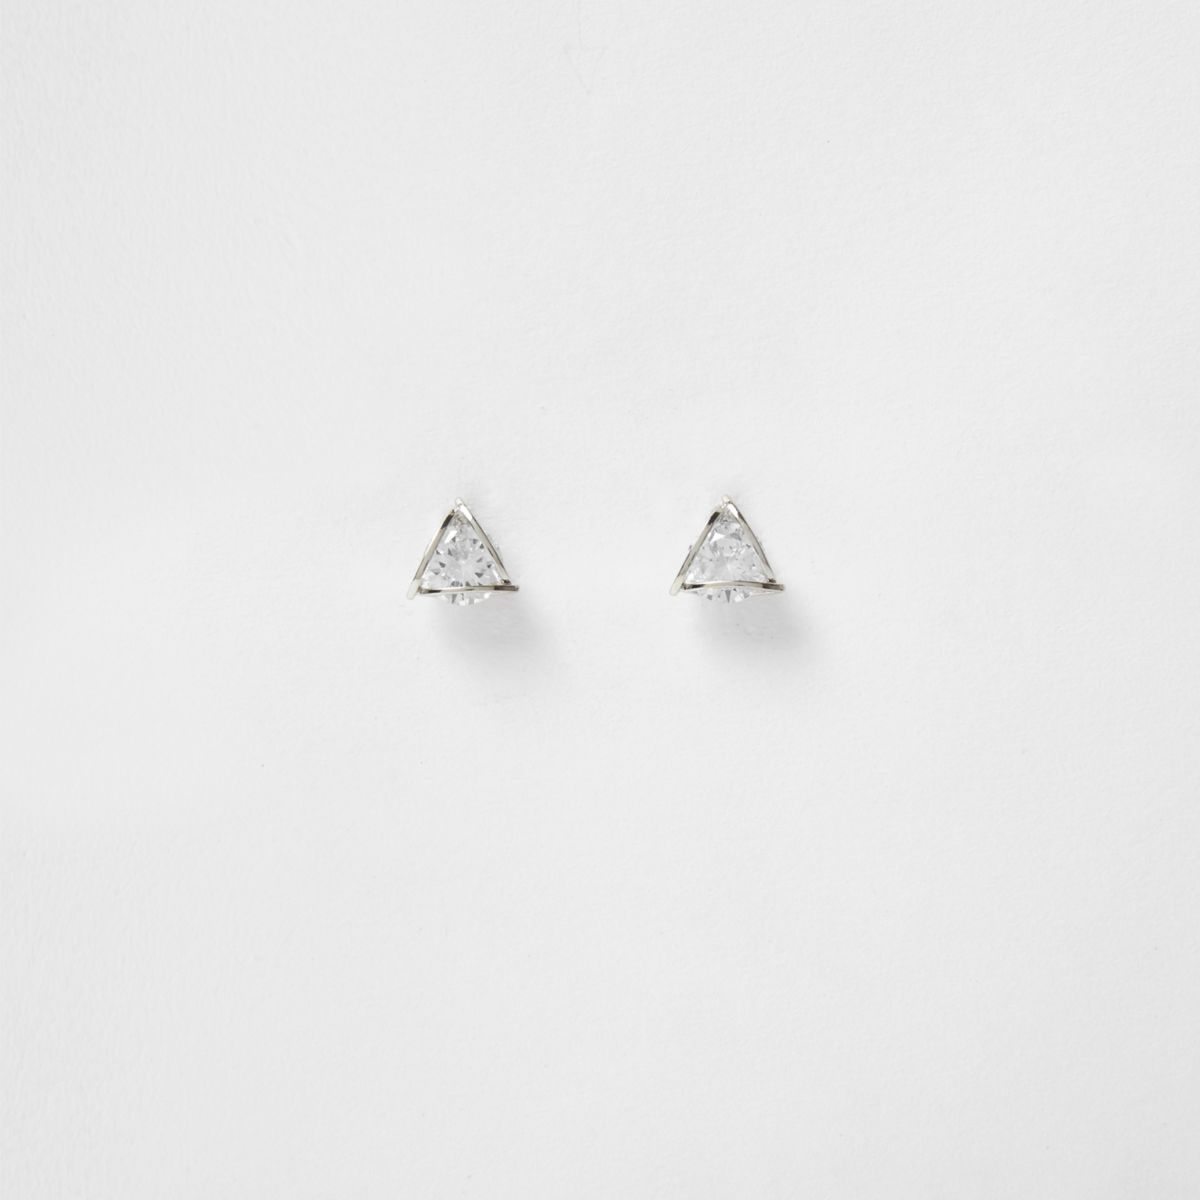 Silver tone cubic zirconia stud earrings